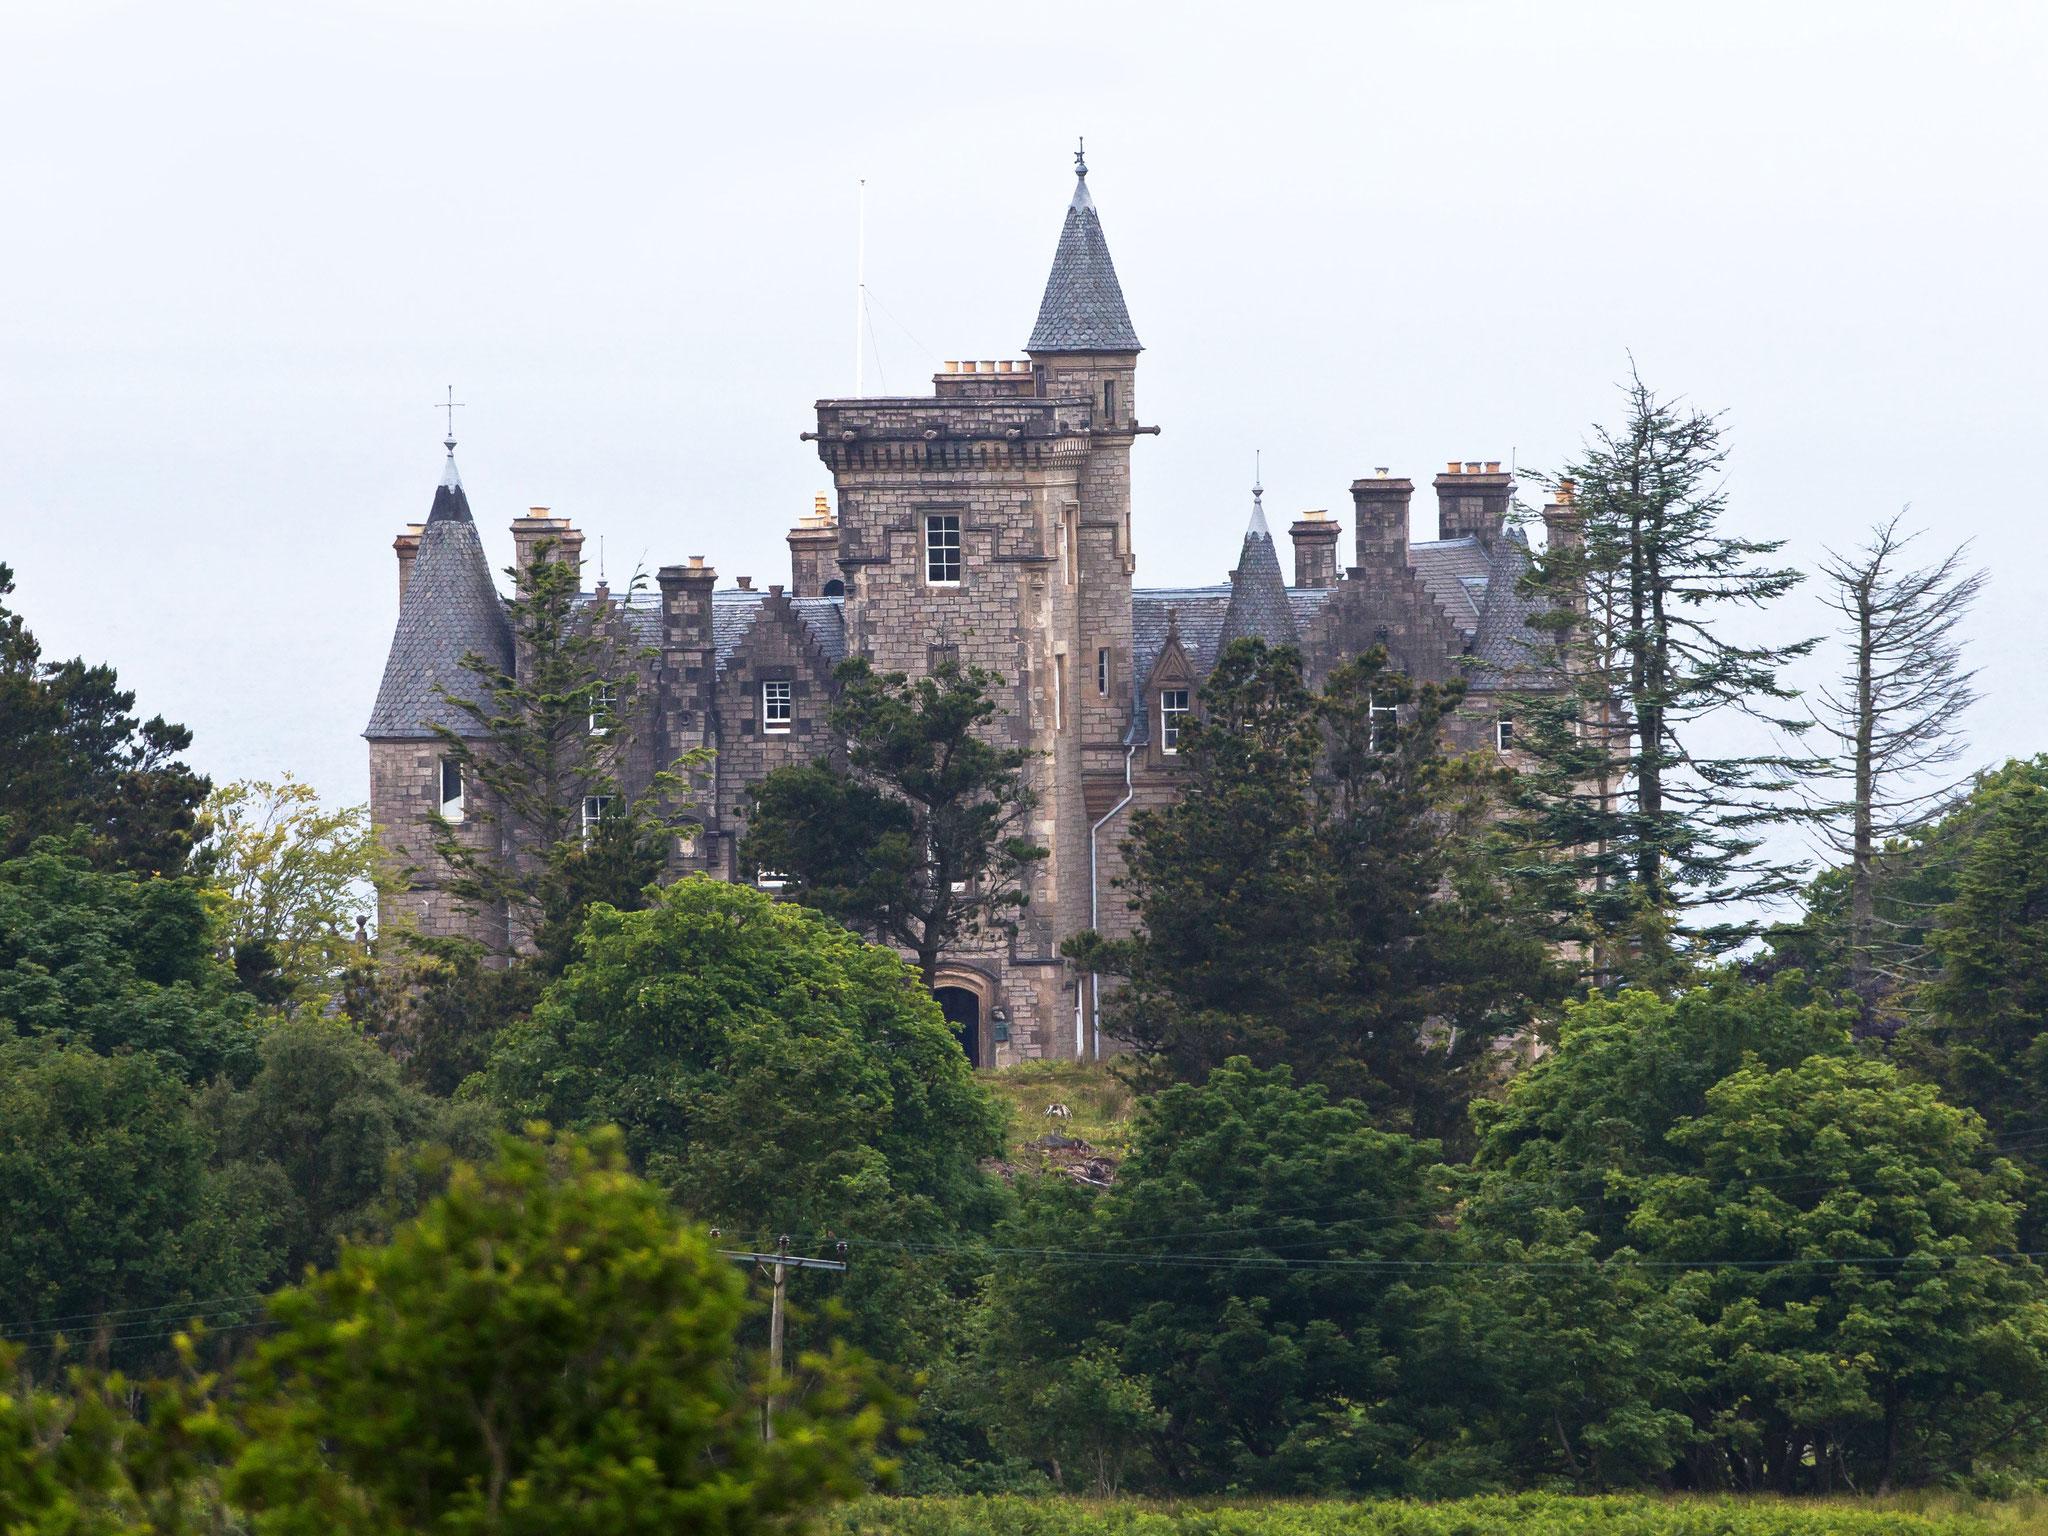 Impressionen: Schlossromantik vermittelt das Glengorm Castle, eine Nobelherberge